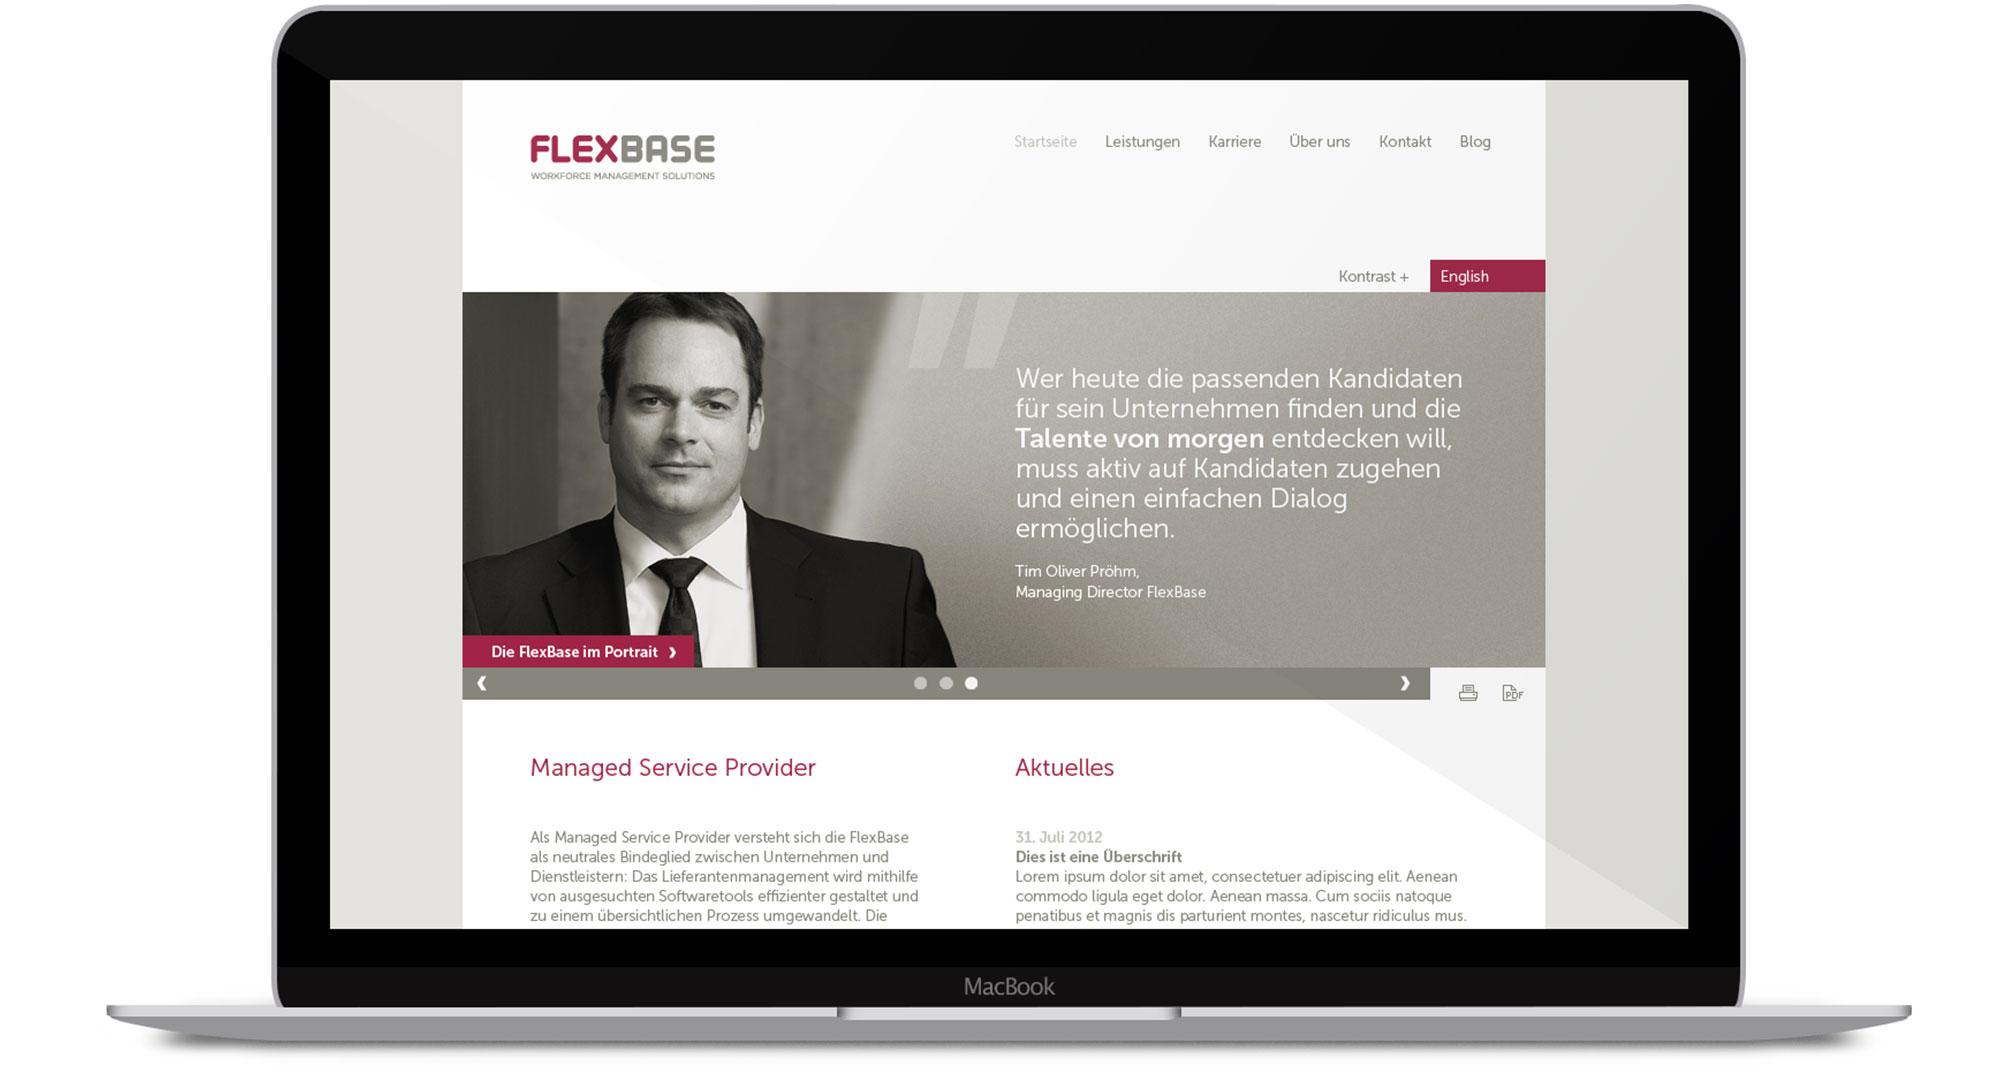 flexbase_website_1